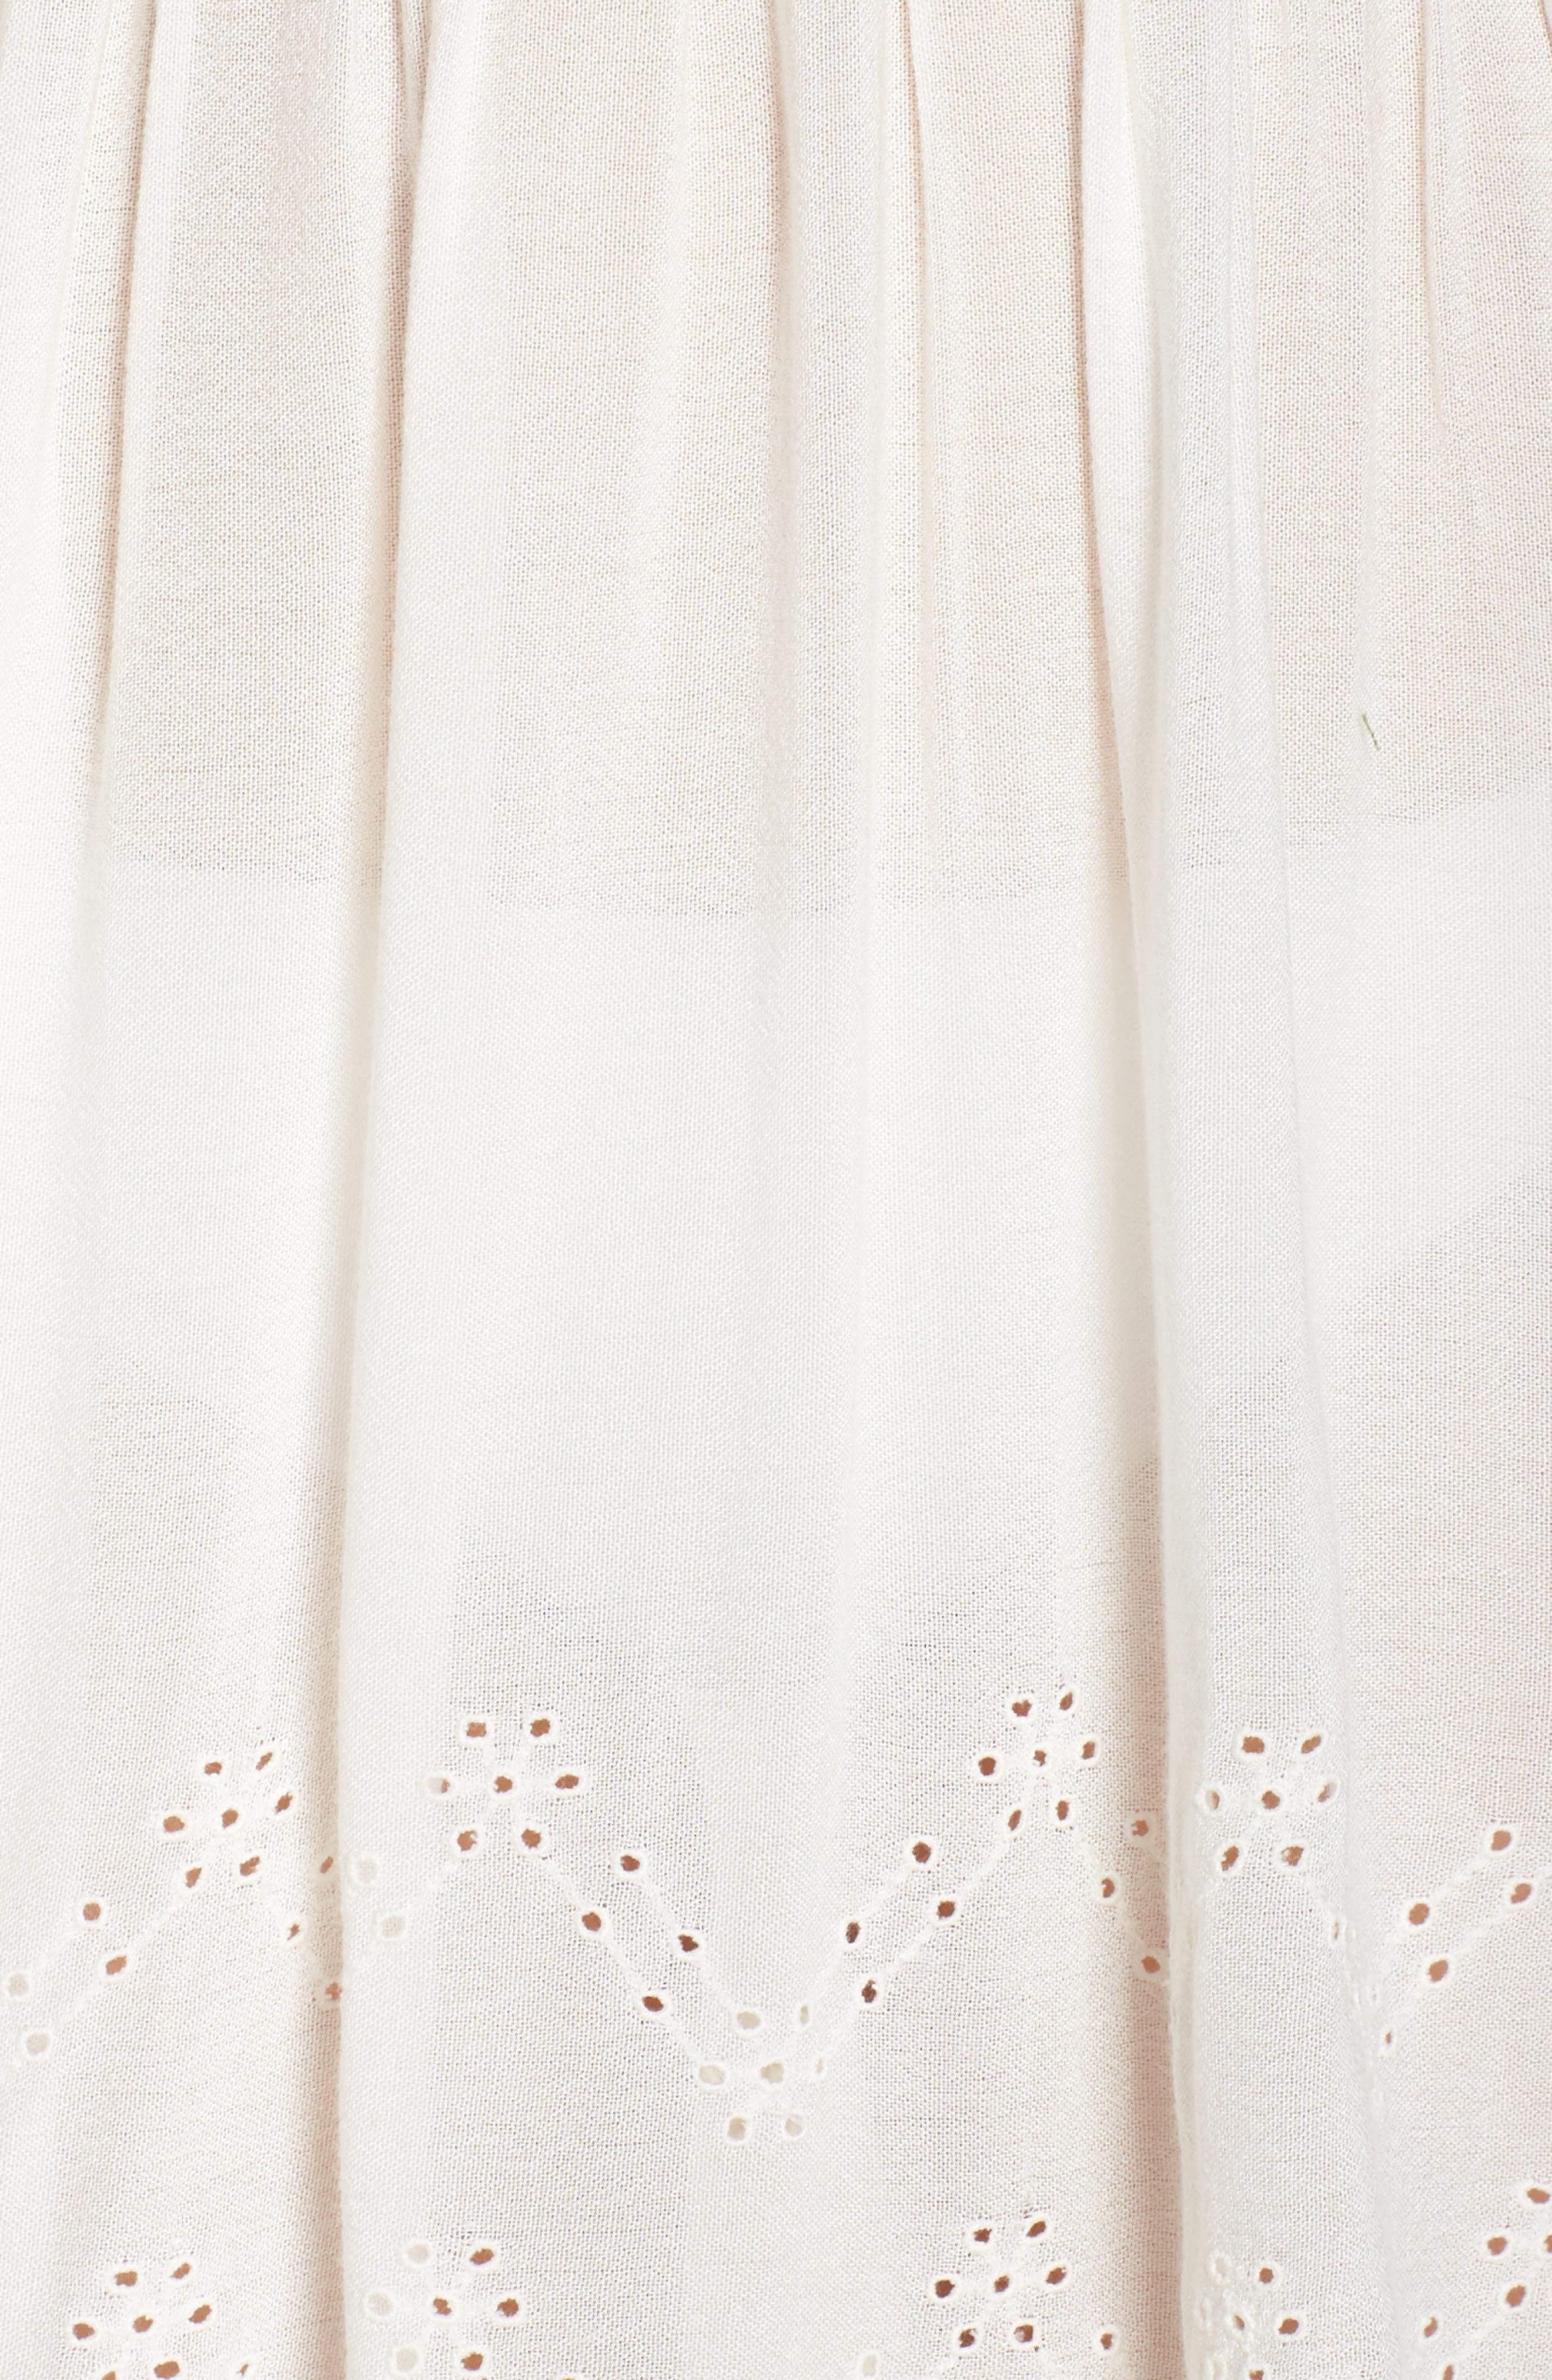 Goddess Cover-Up Dress,                             Alternate thumbnail 5, color,                             IVORY EGRET